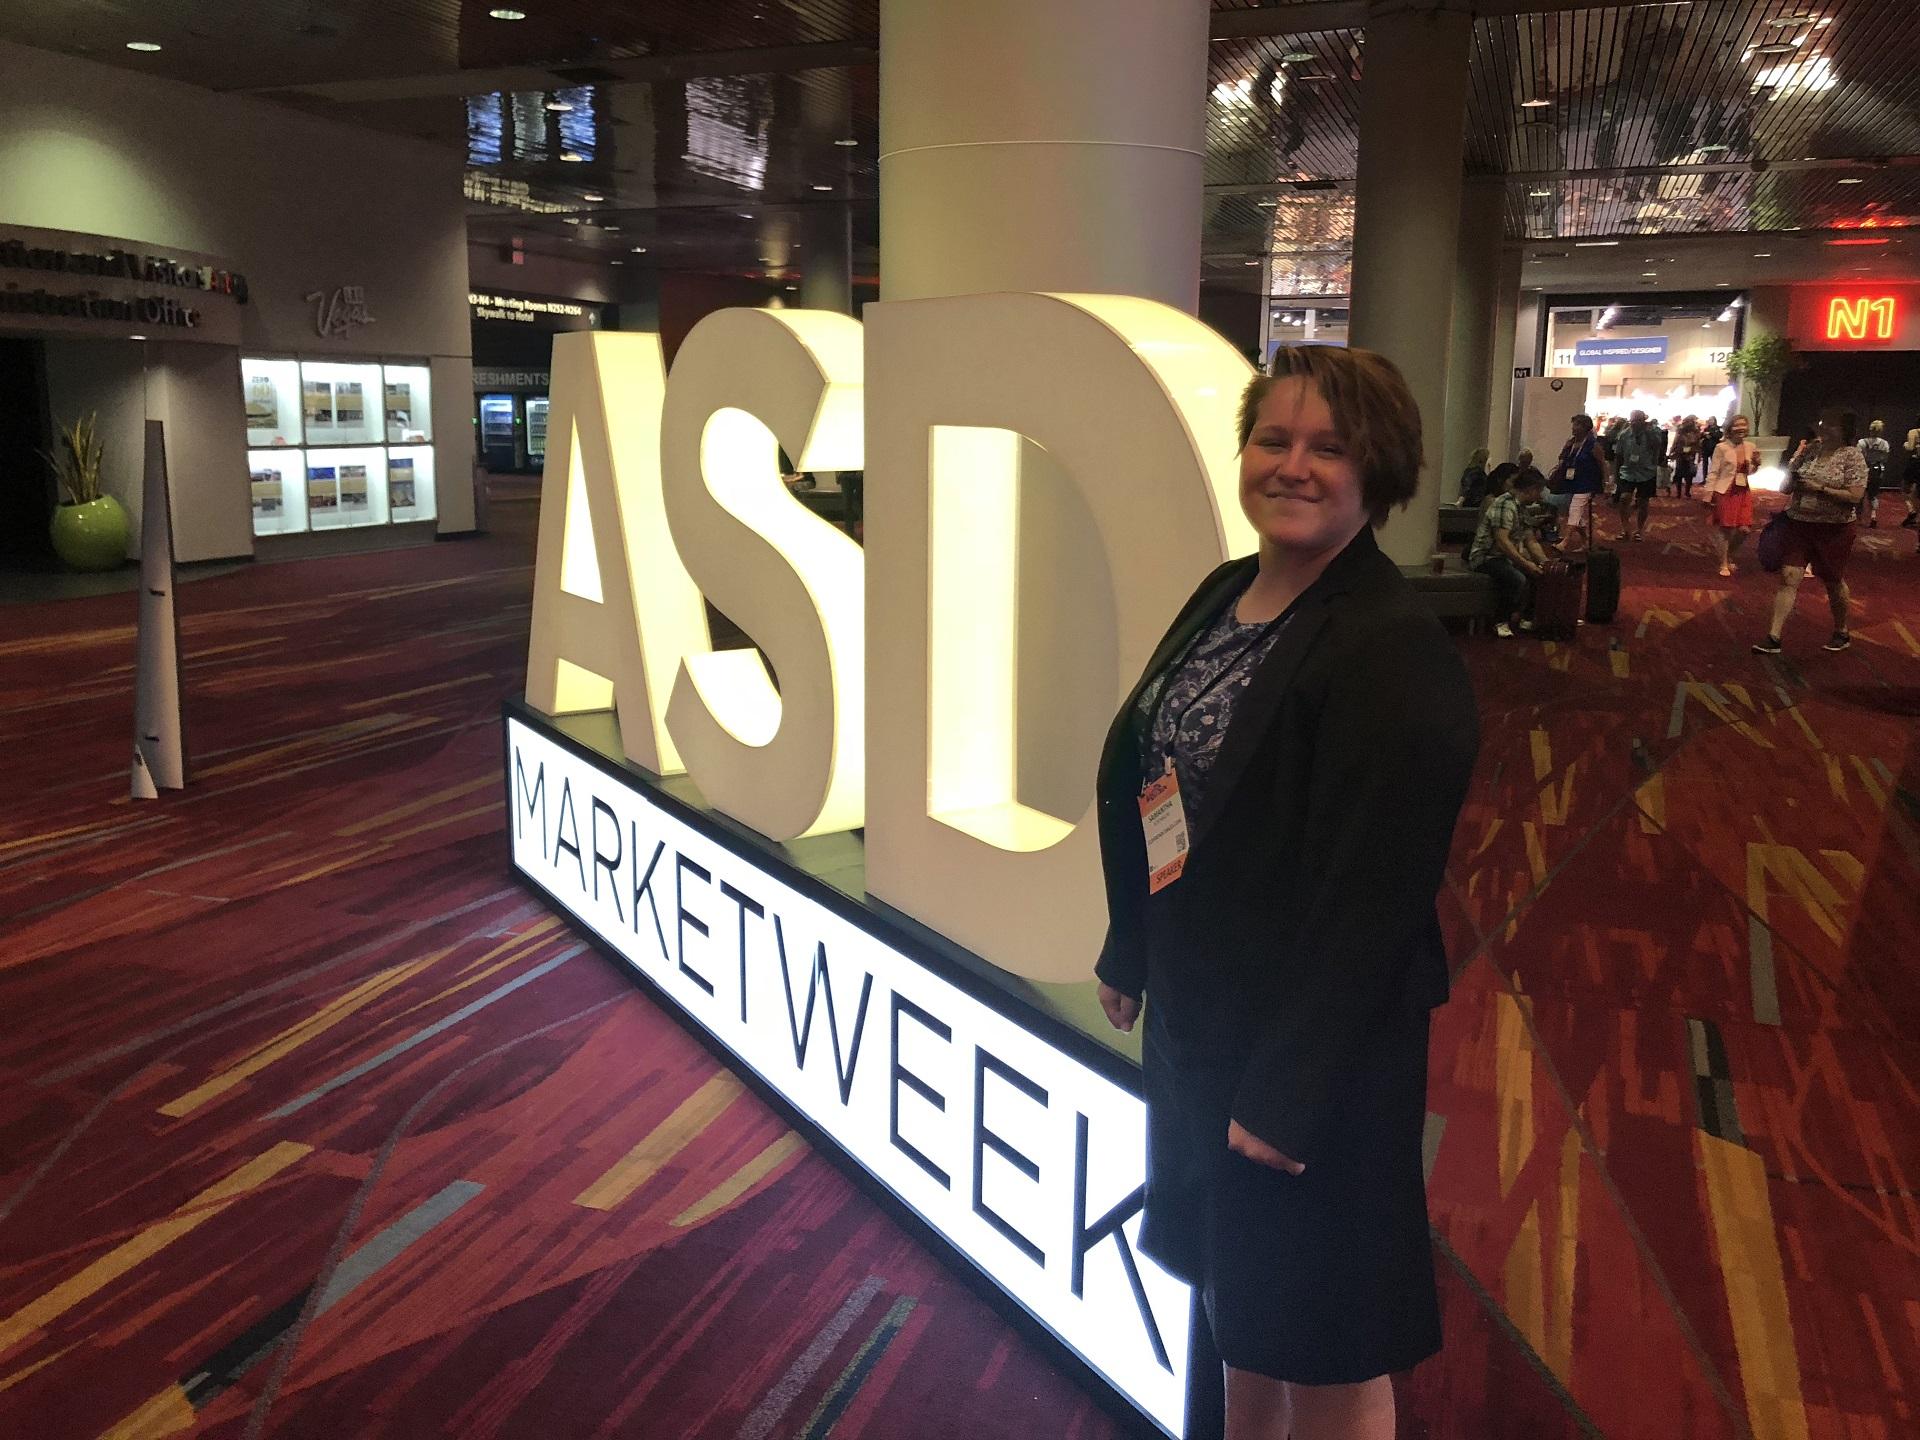 Sam Rosenbaum at ASD Market Week Las Vegas